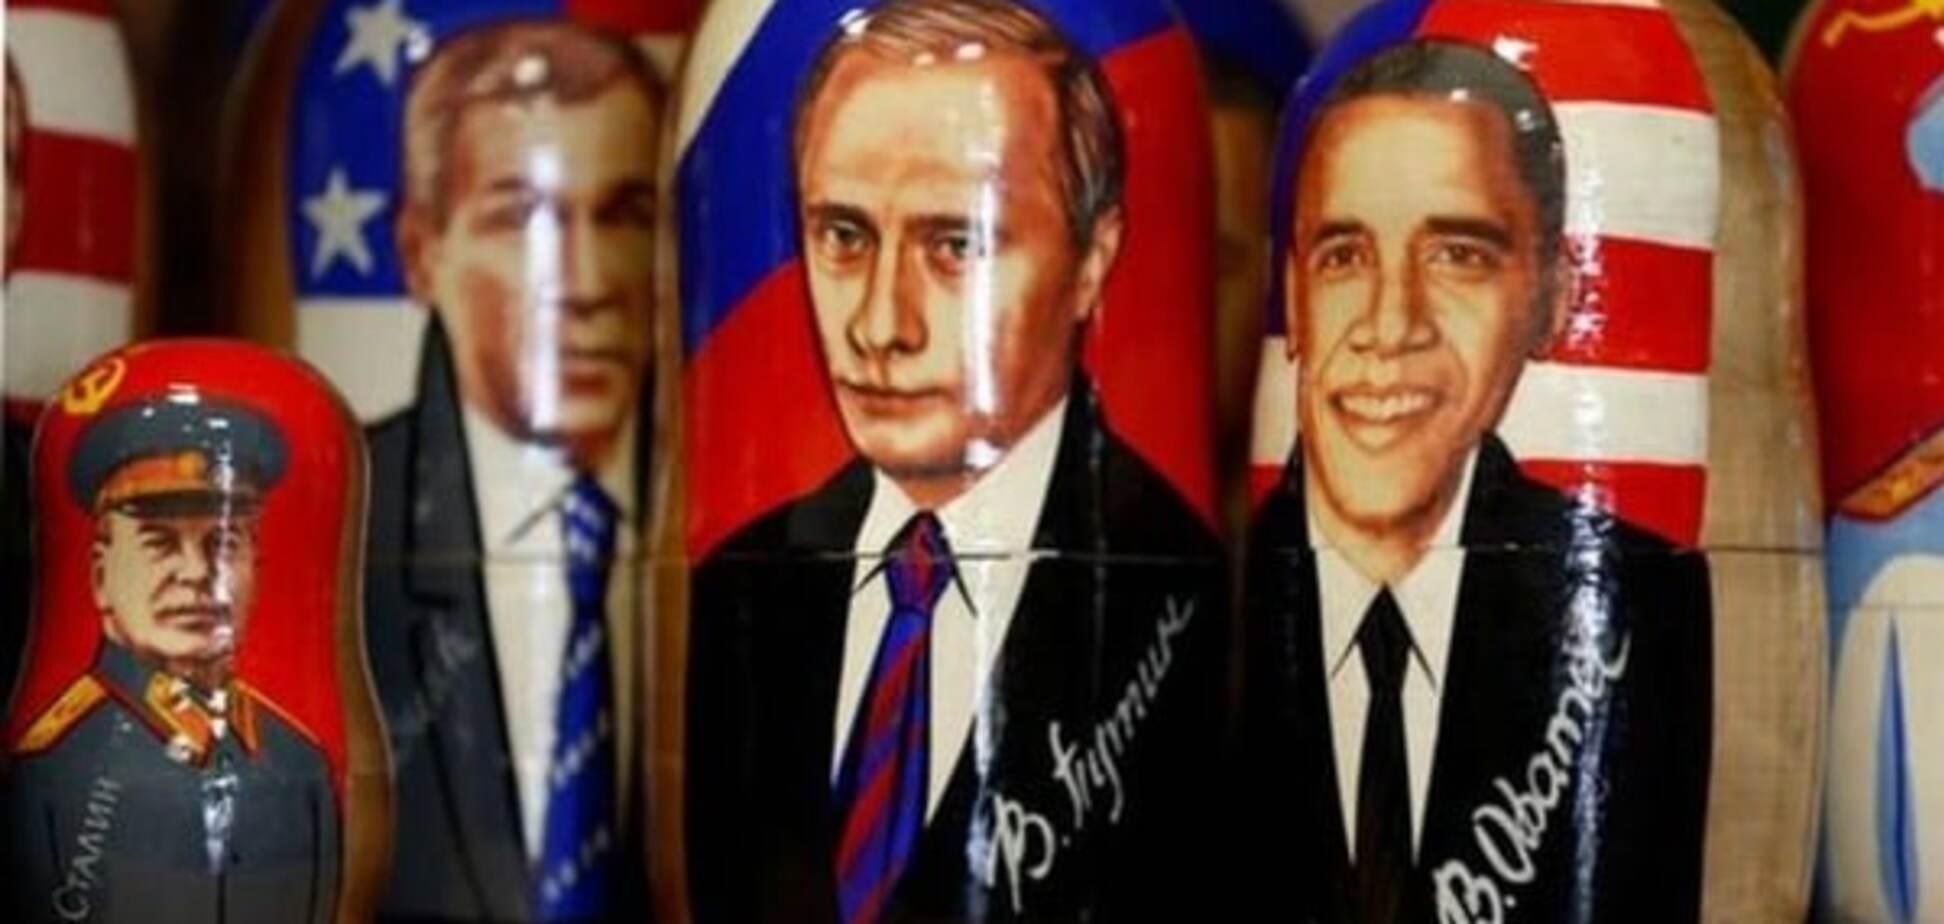 Сталін, Буш, Путін, Обама